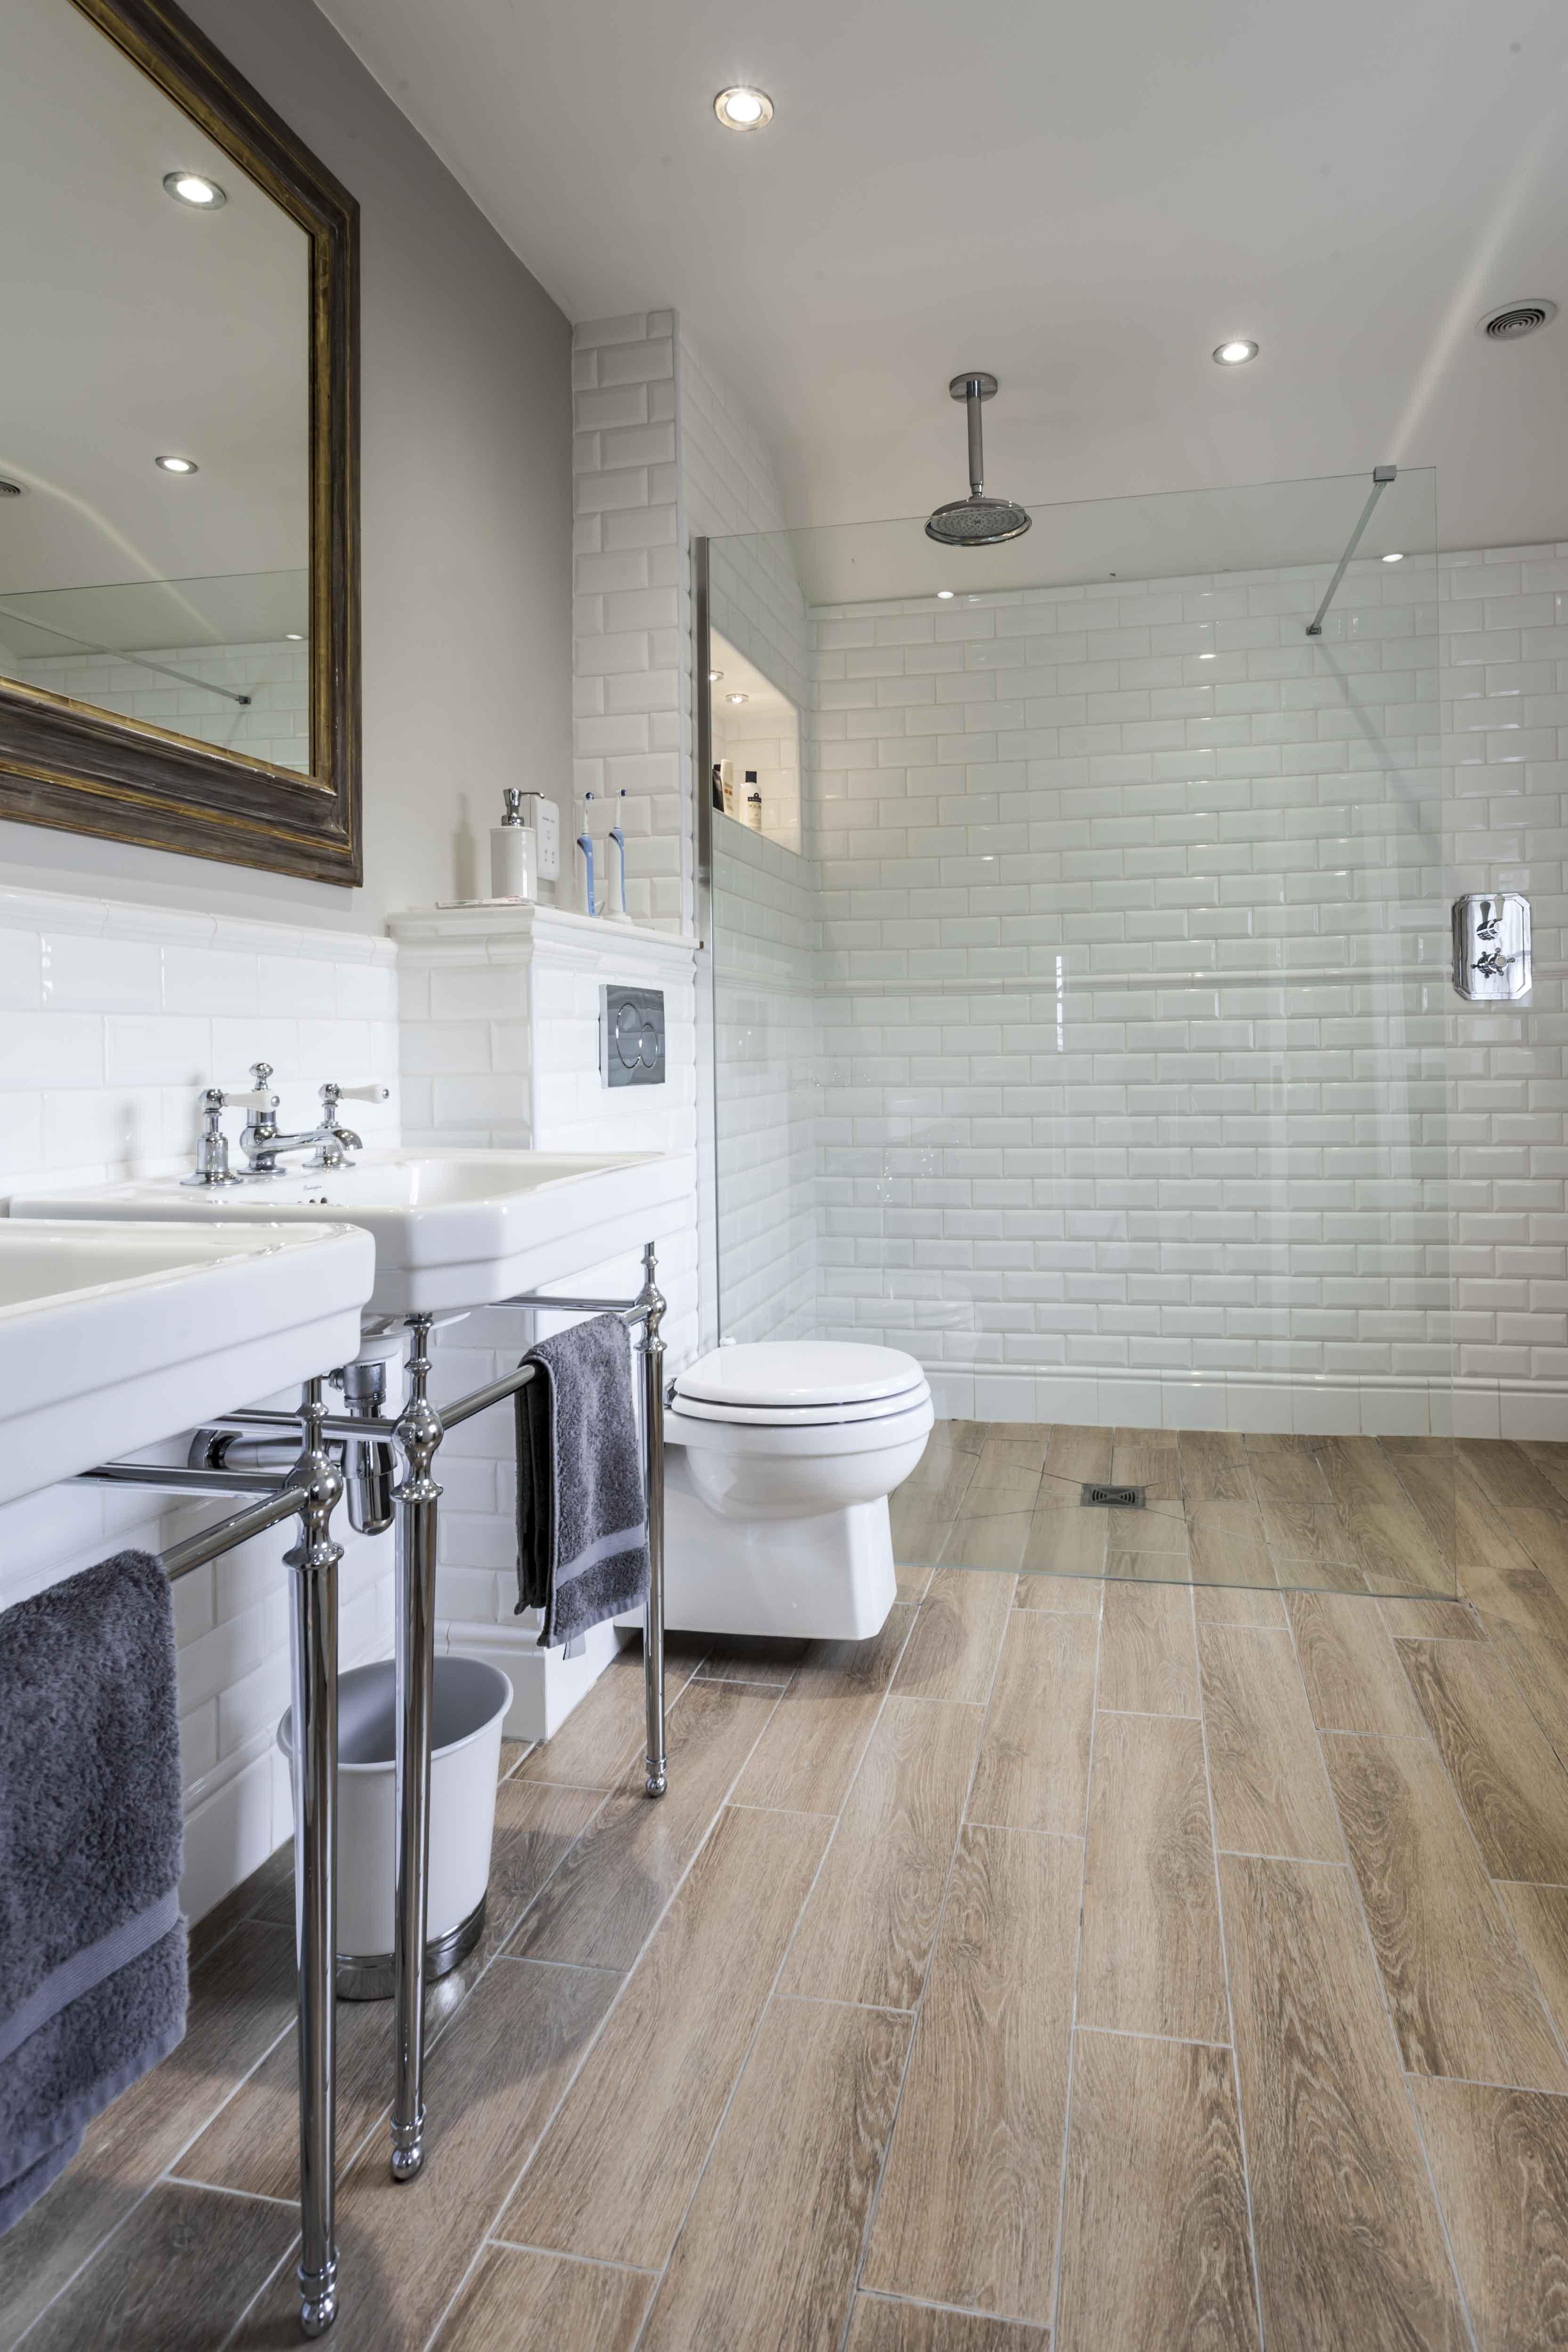 подвесной унитаз в большой ванной комнате с 2 раковинами